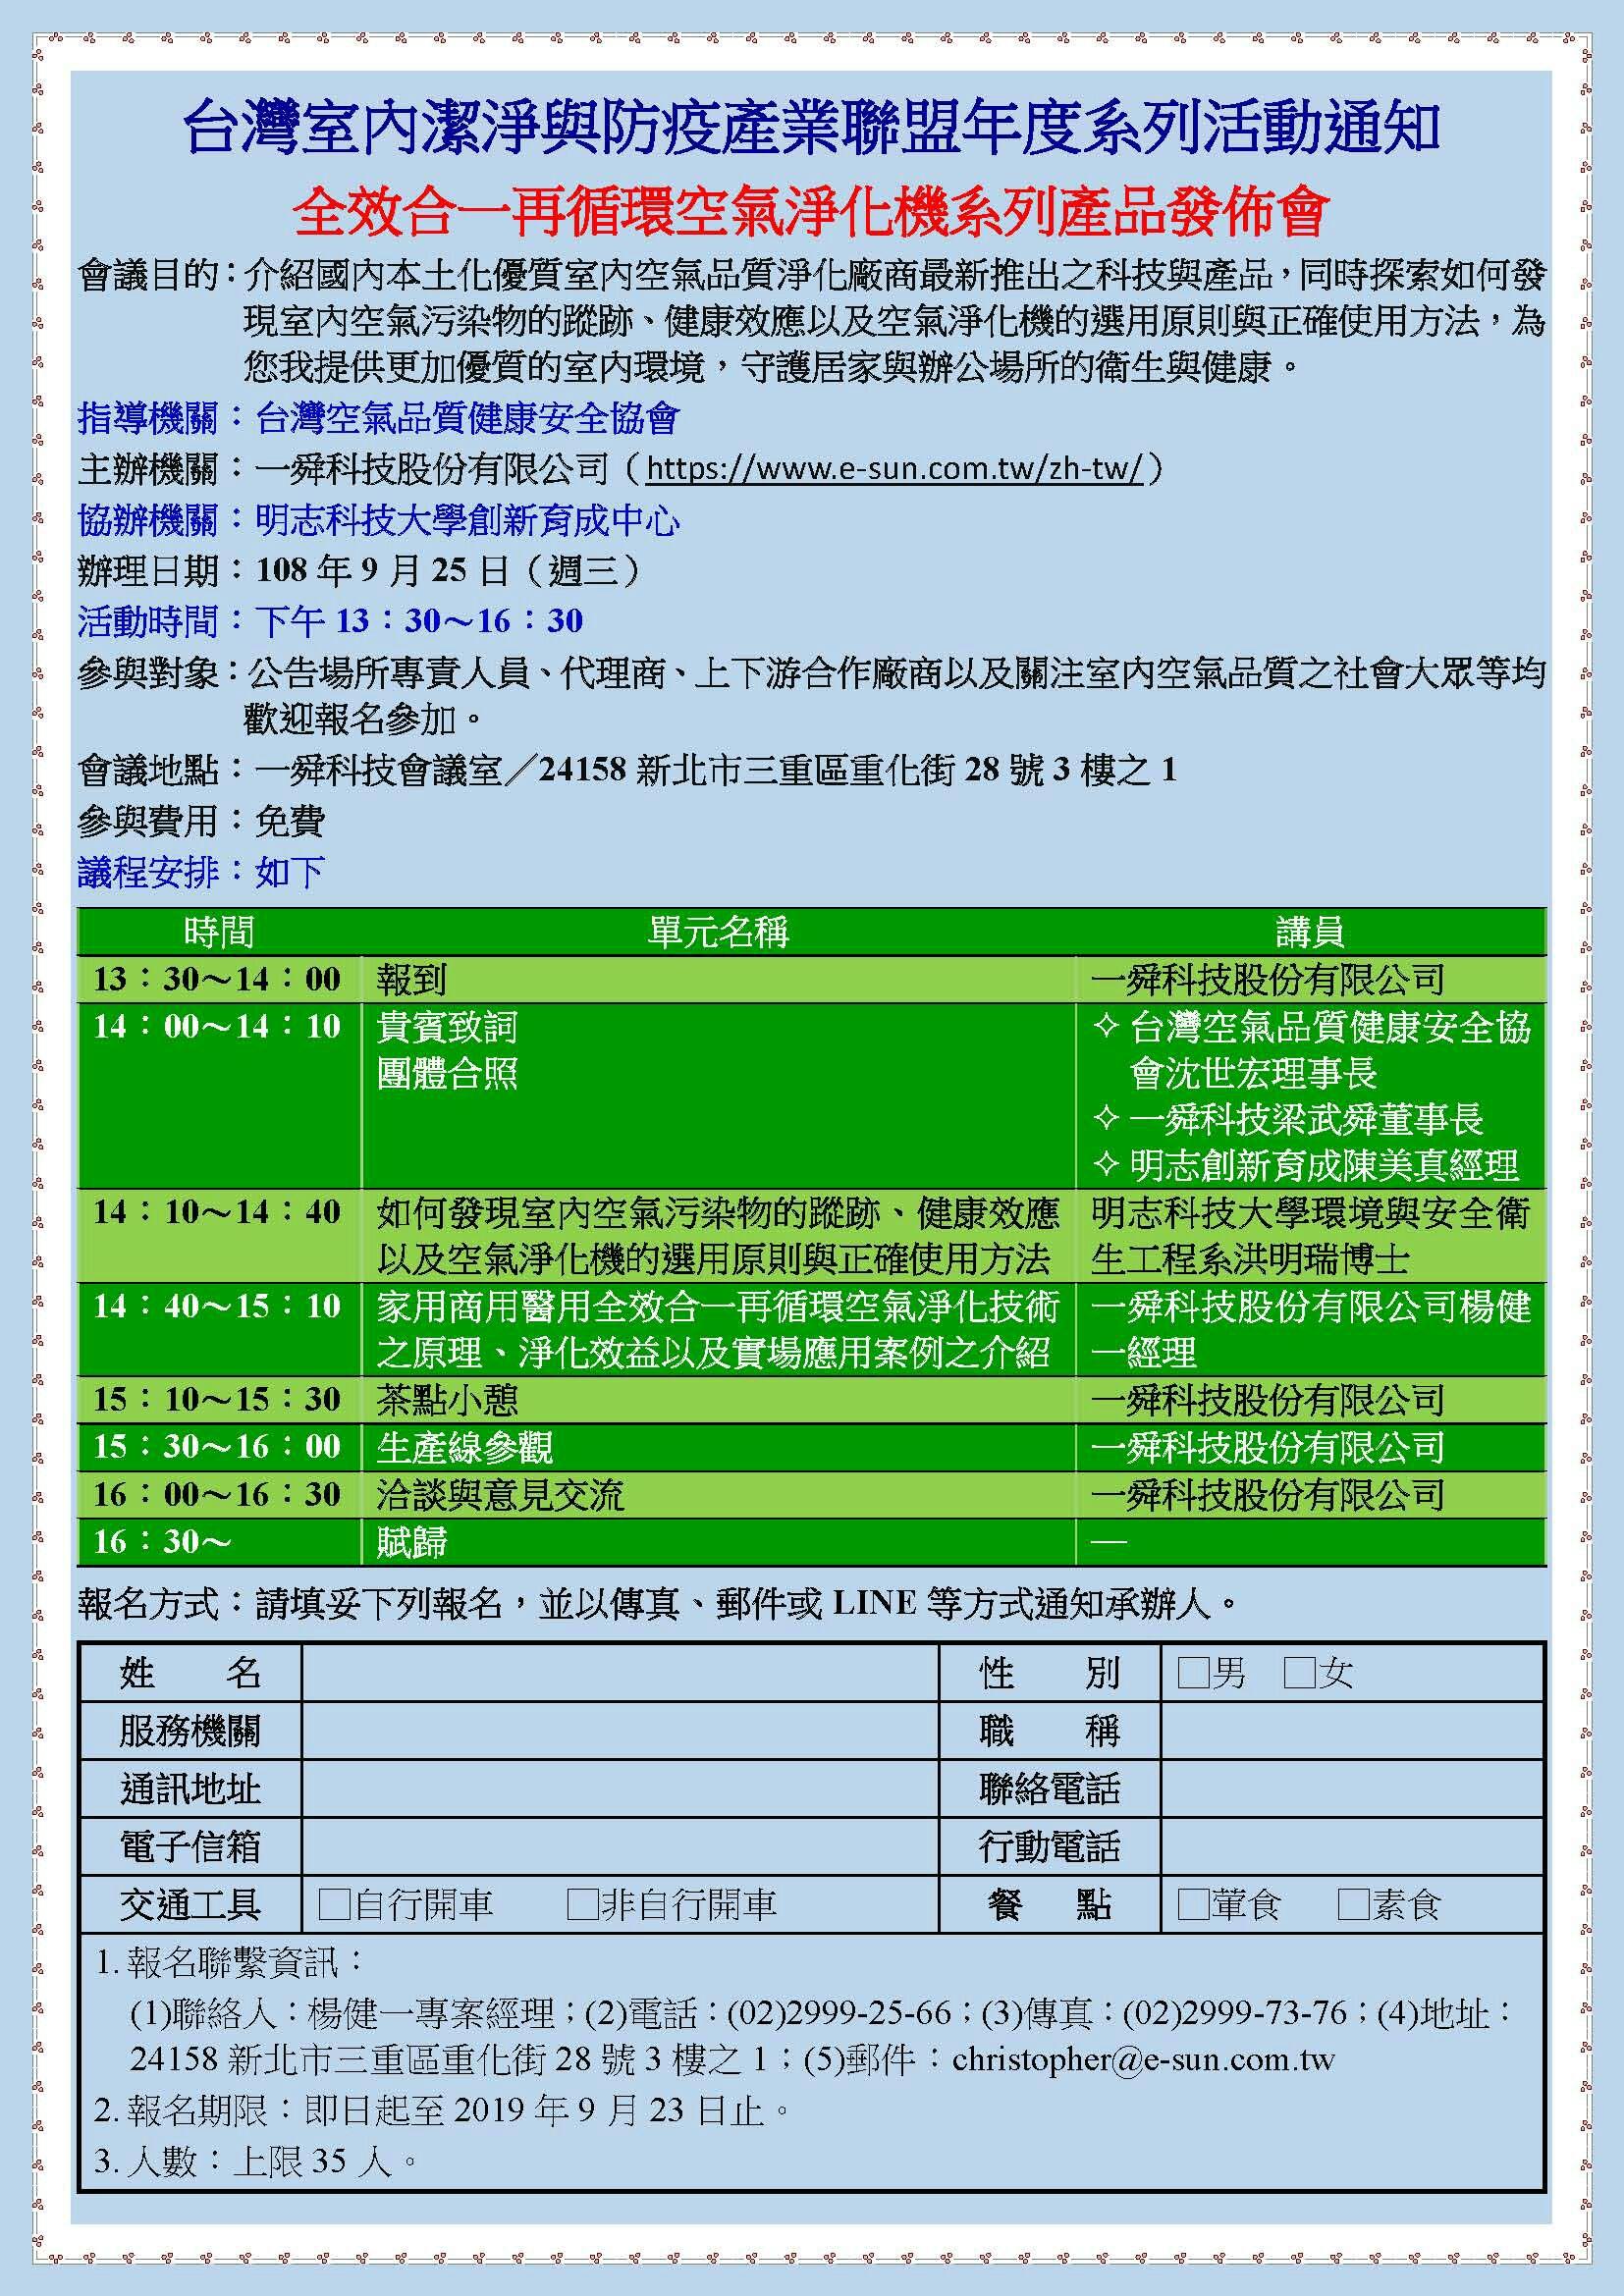 一舜科技產品發表會-空氣清淨機認證